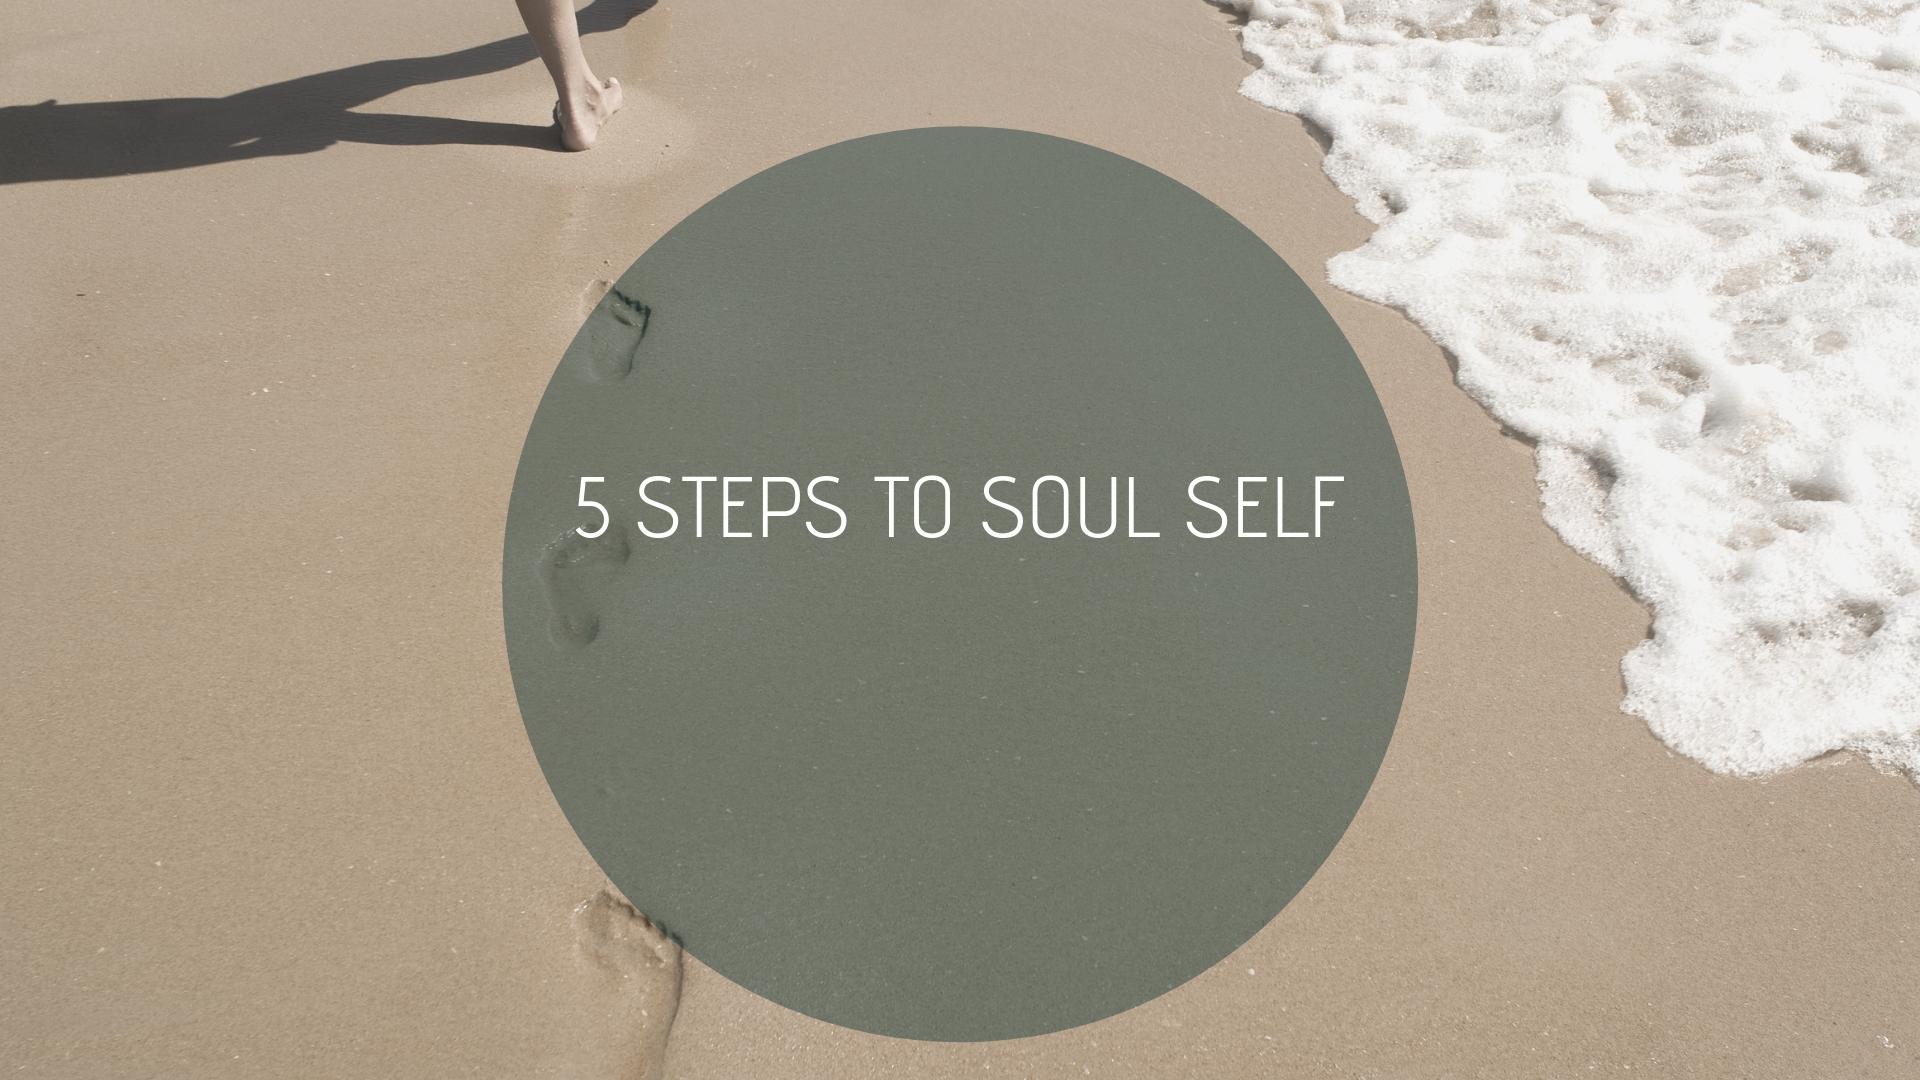 5 Steps To Soul Self, mentoring, spiritual mentoring